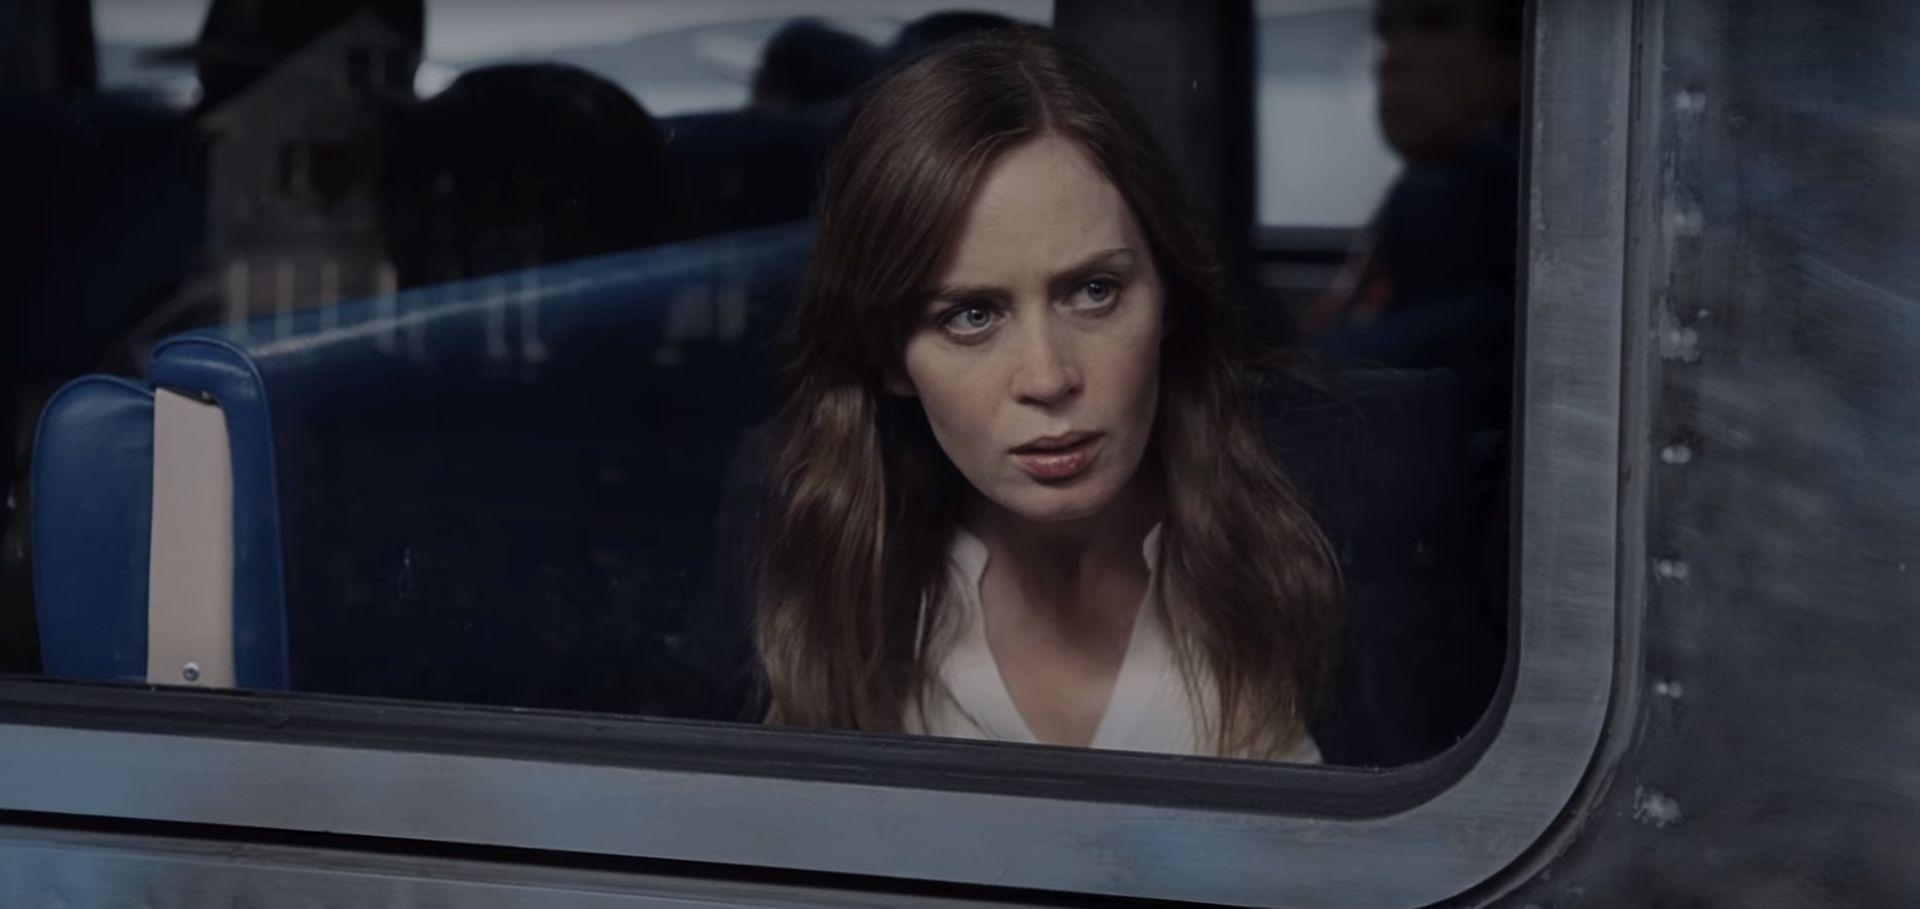 VIDEO: 'Djevojka u vlaku' u američkim kinima zaradila 24.7 milijuna dolara